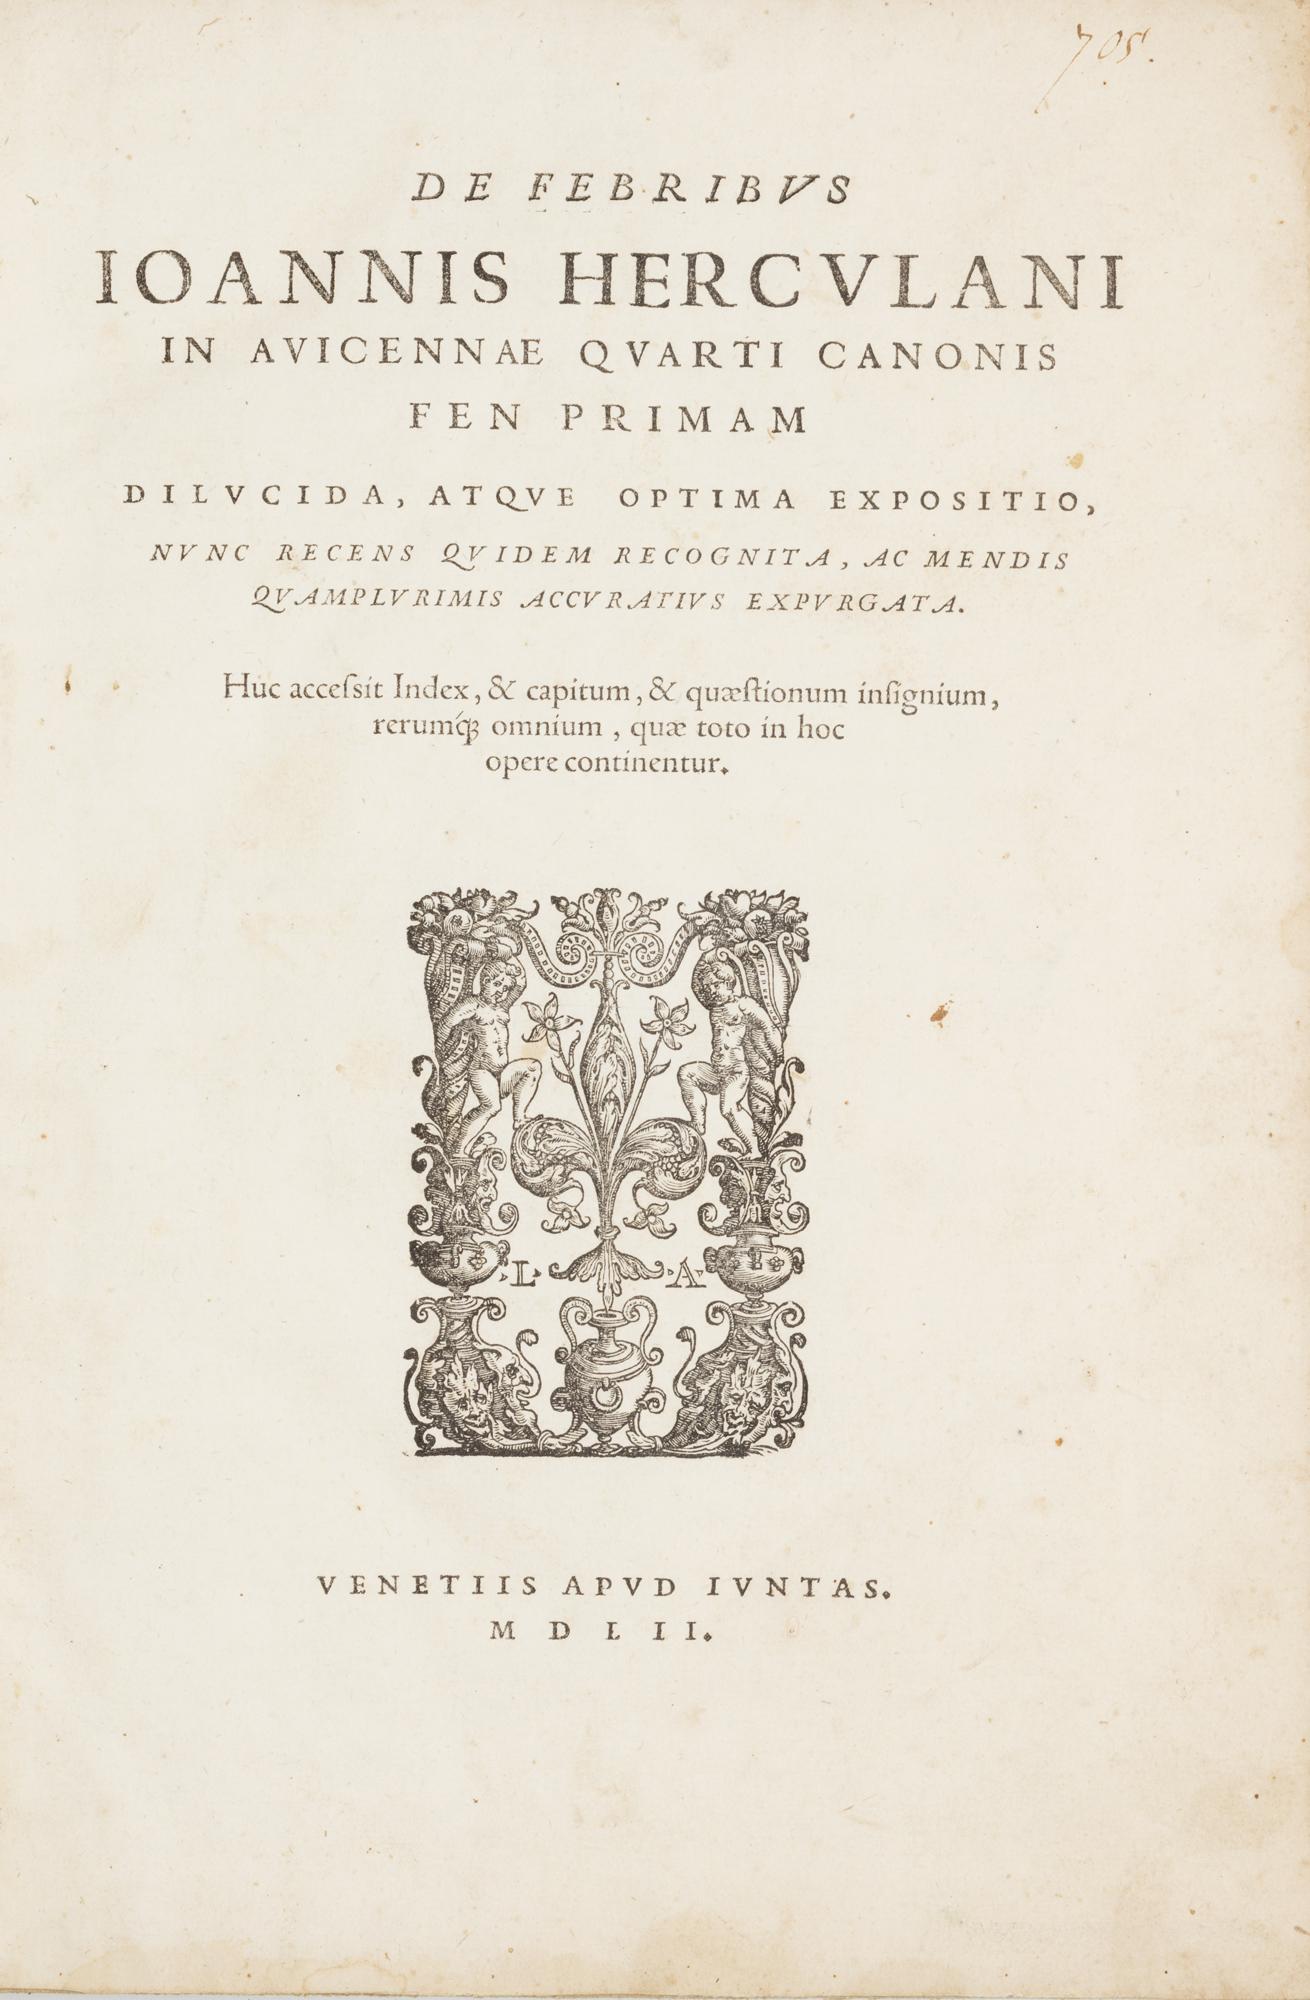 De febribus. In Avicennae quarti canonis fen primam dilucida, atque optima expositio